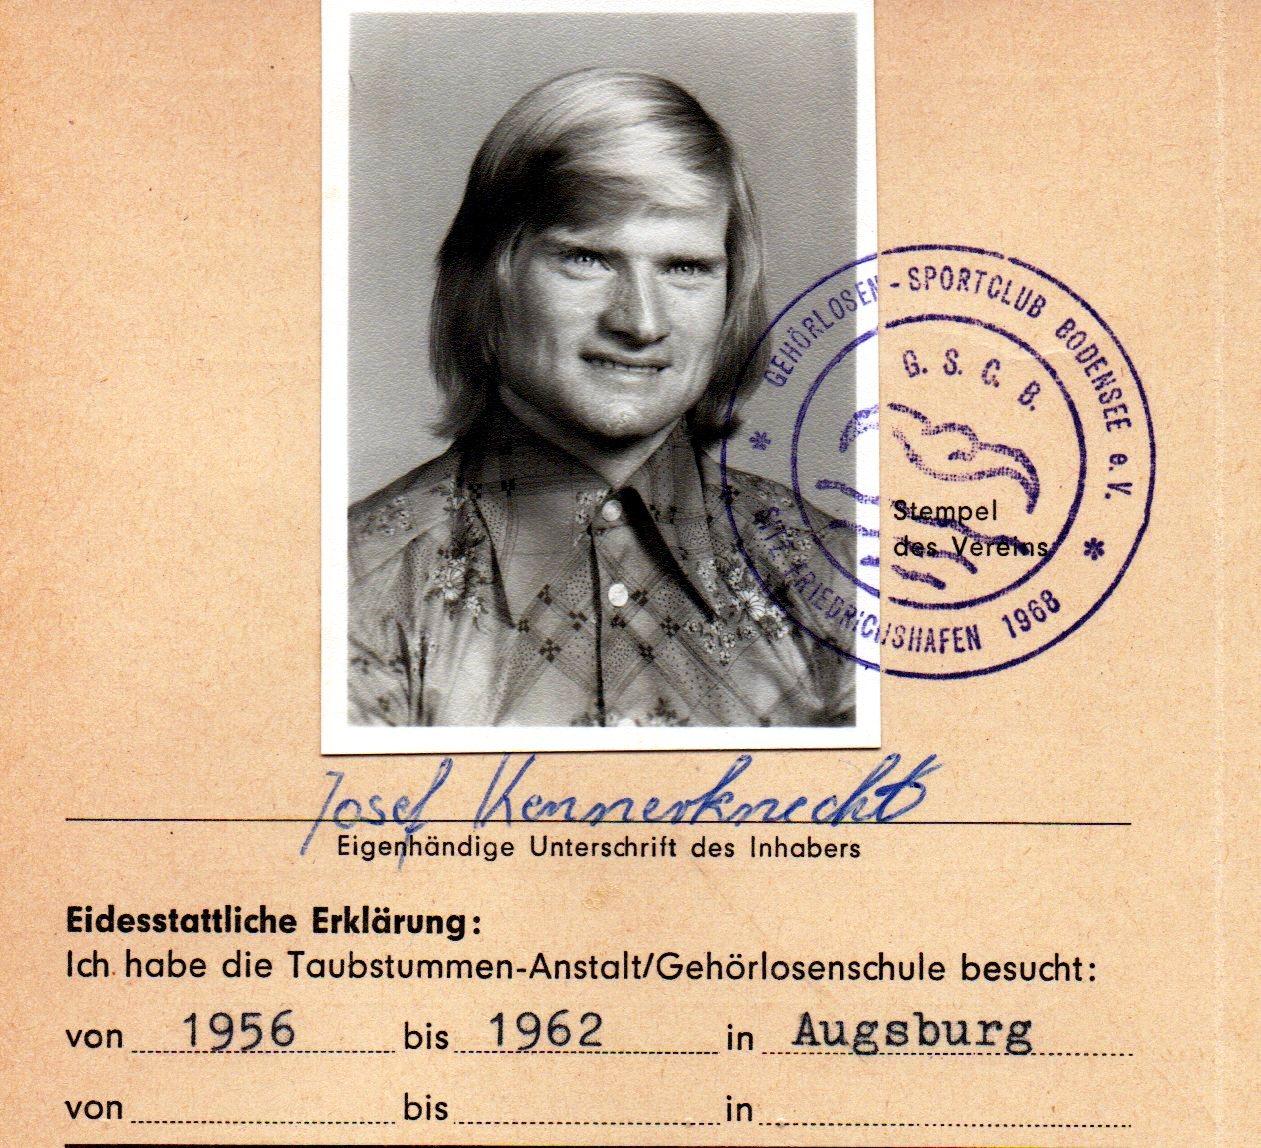 Josef Kennerknecht